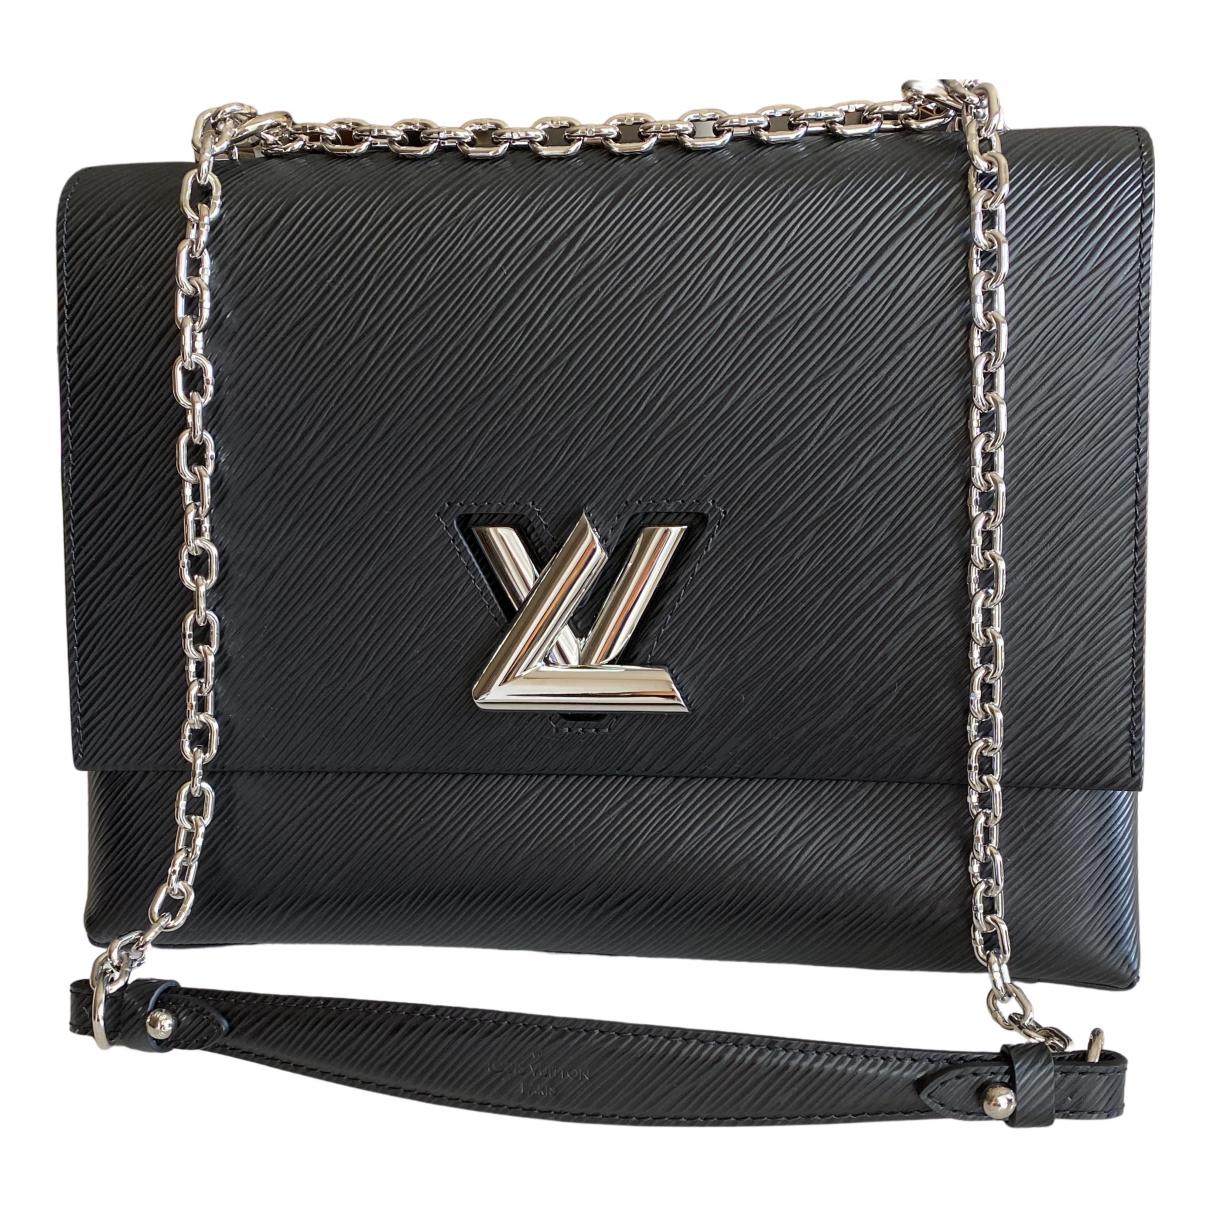 Louis Vuitton - Sac a main Twist pour femme en cuir - noir